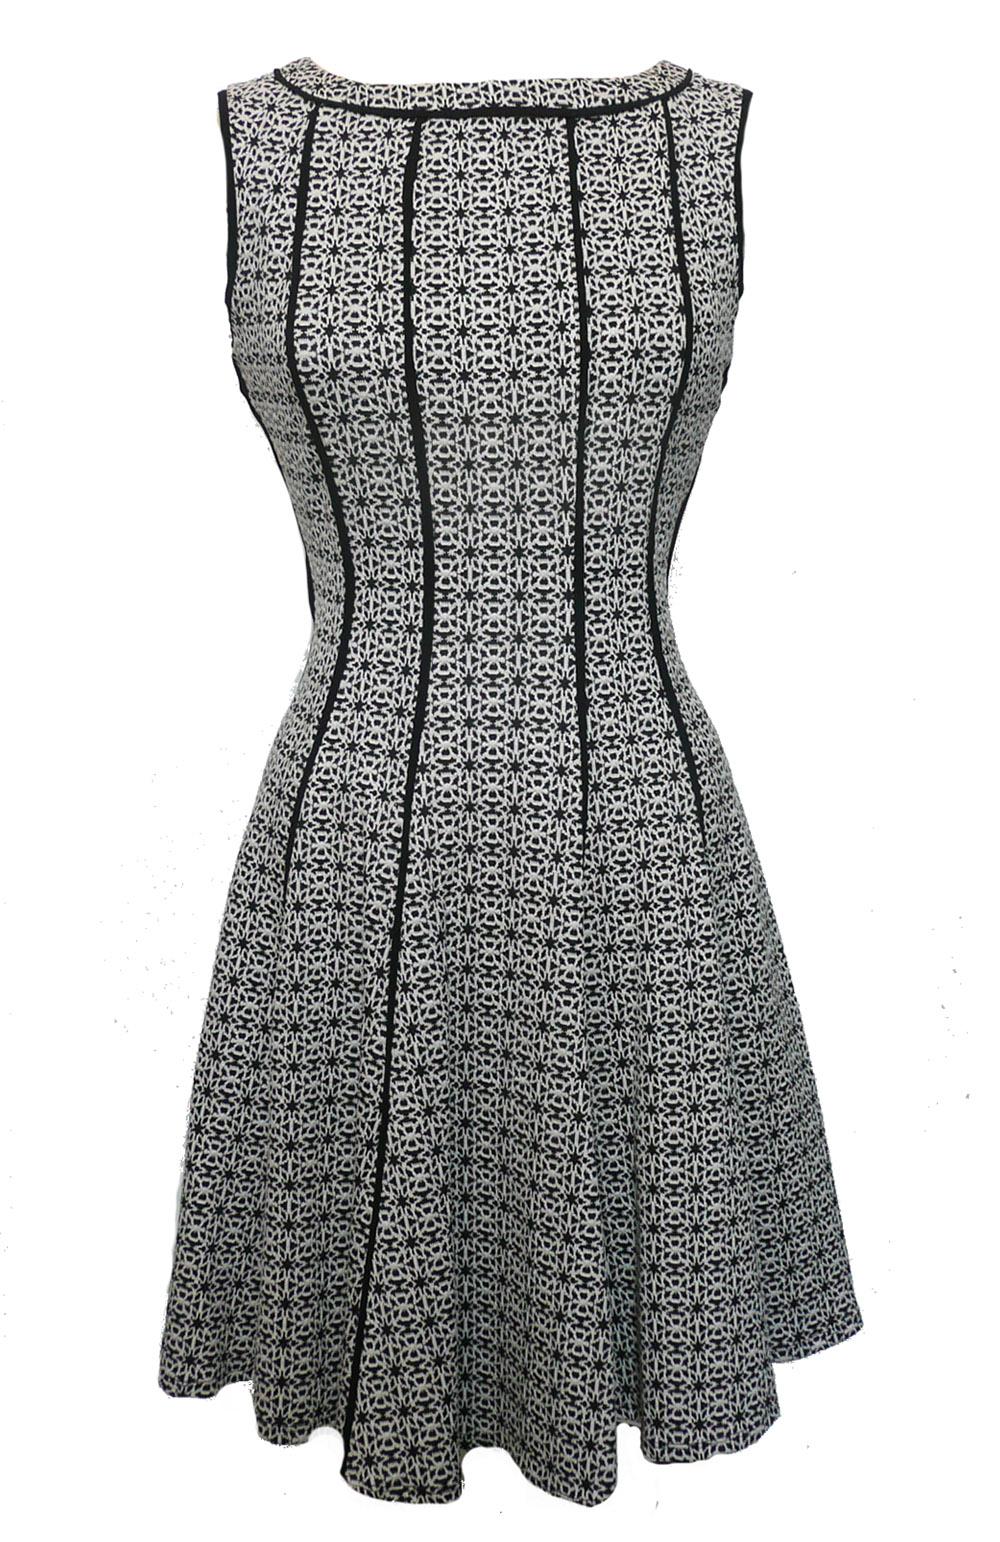 dress bw knit fit flare.jpg